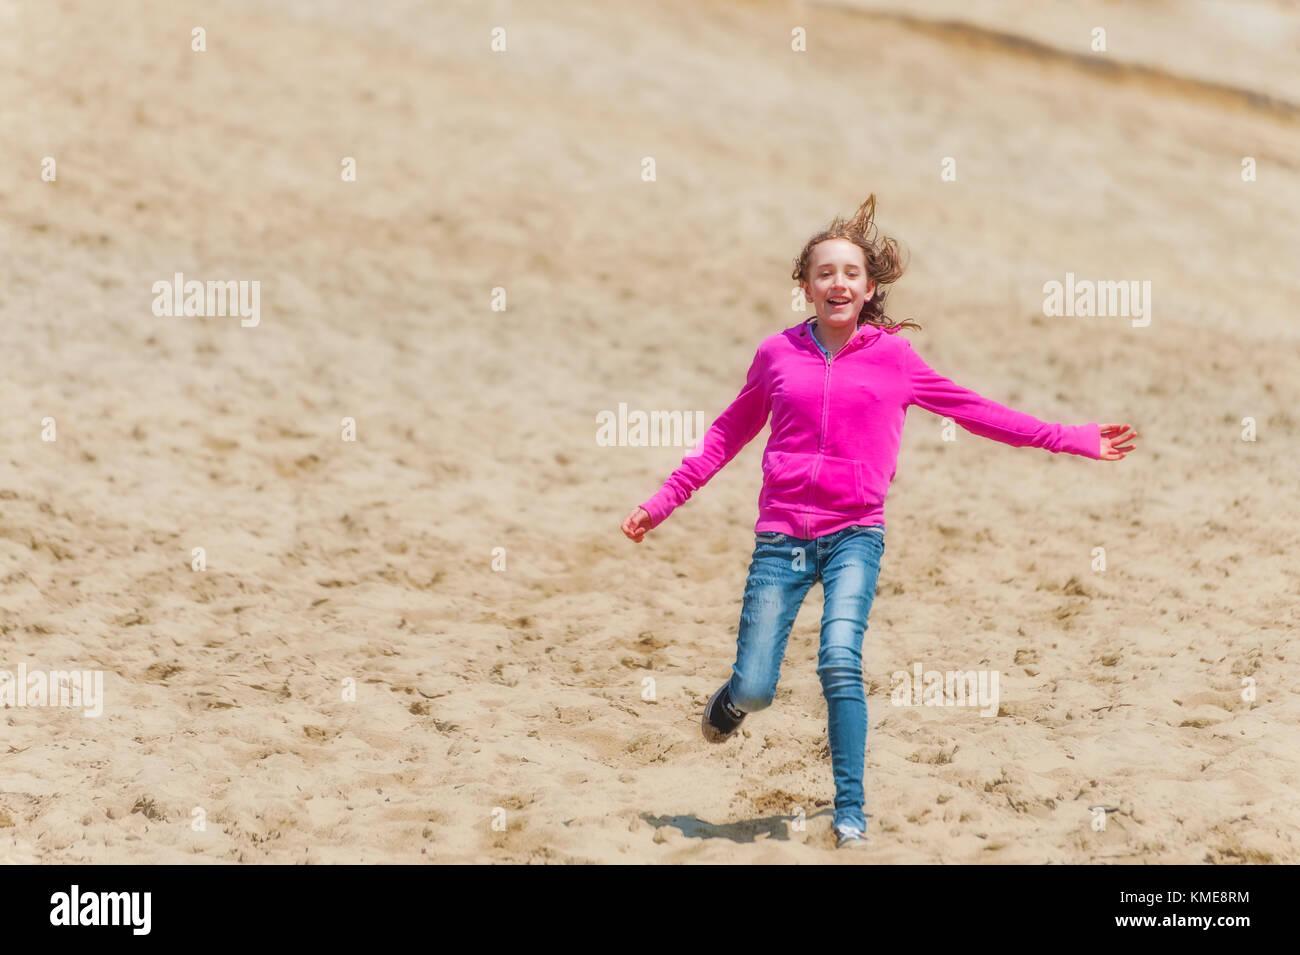 Una giovane ragazza jeans blu e una felpa rosa si diverte a correre giù un gran sand hill a Città del Immagini Stock